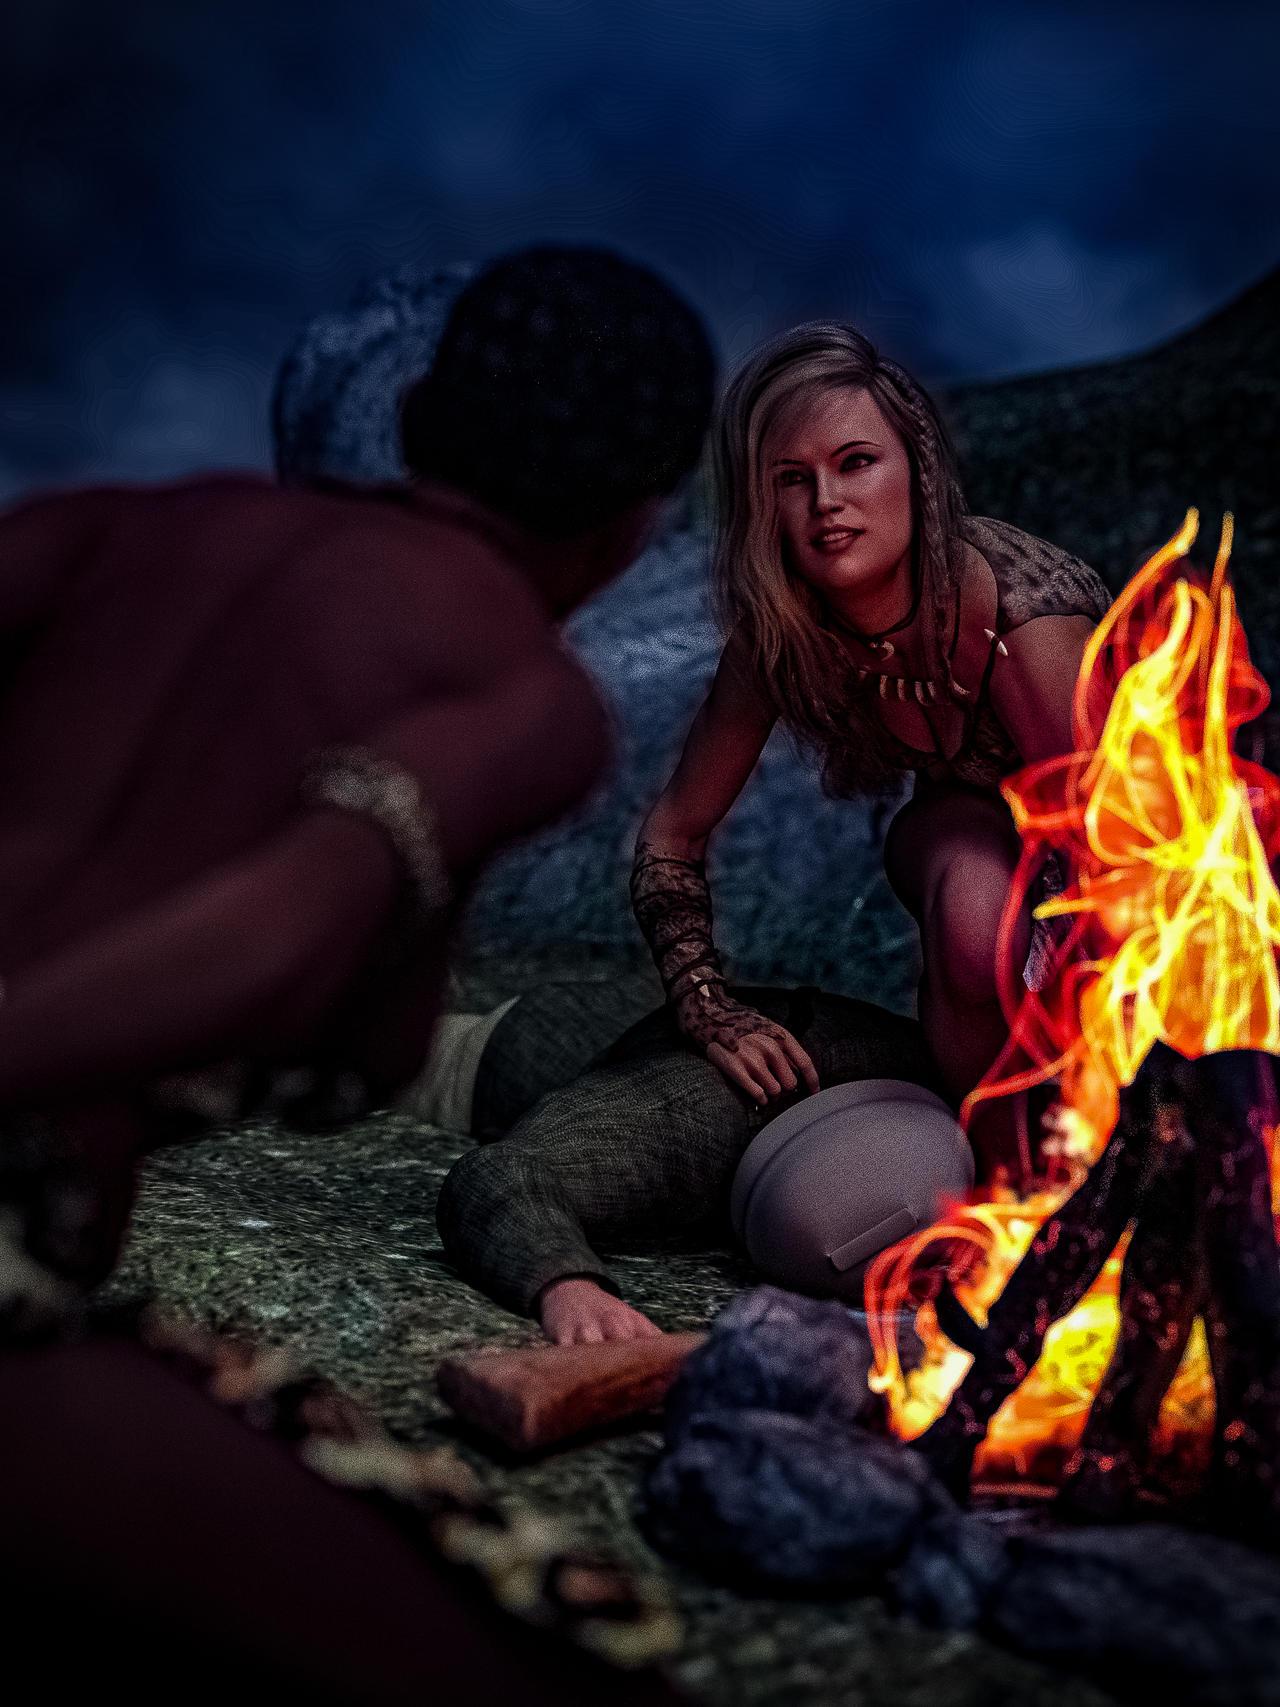 Kori - Saving the tribal princess